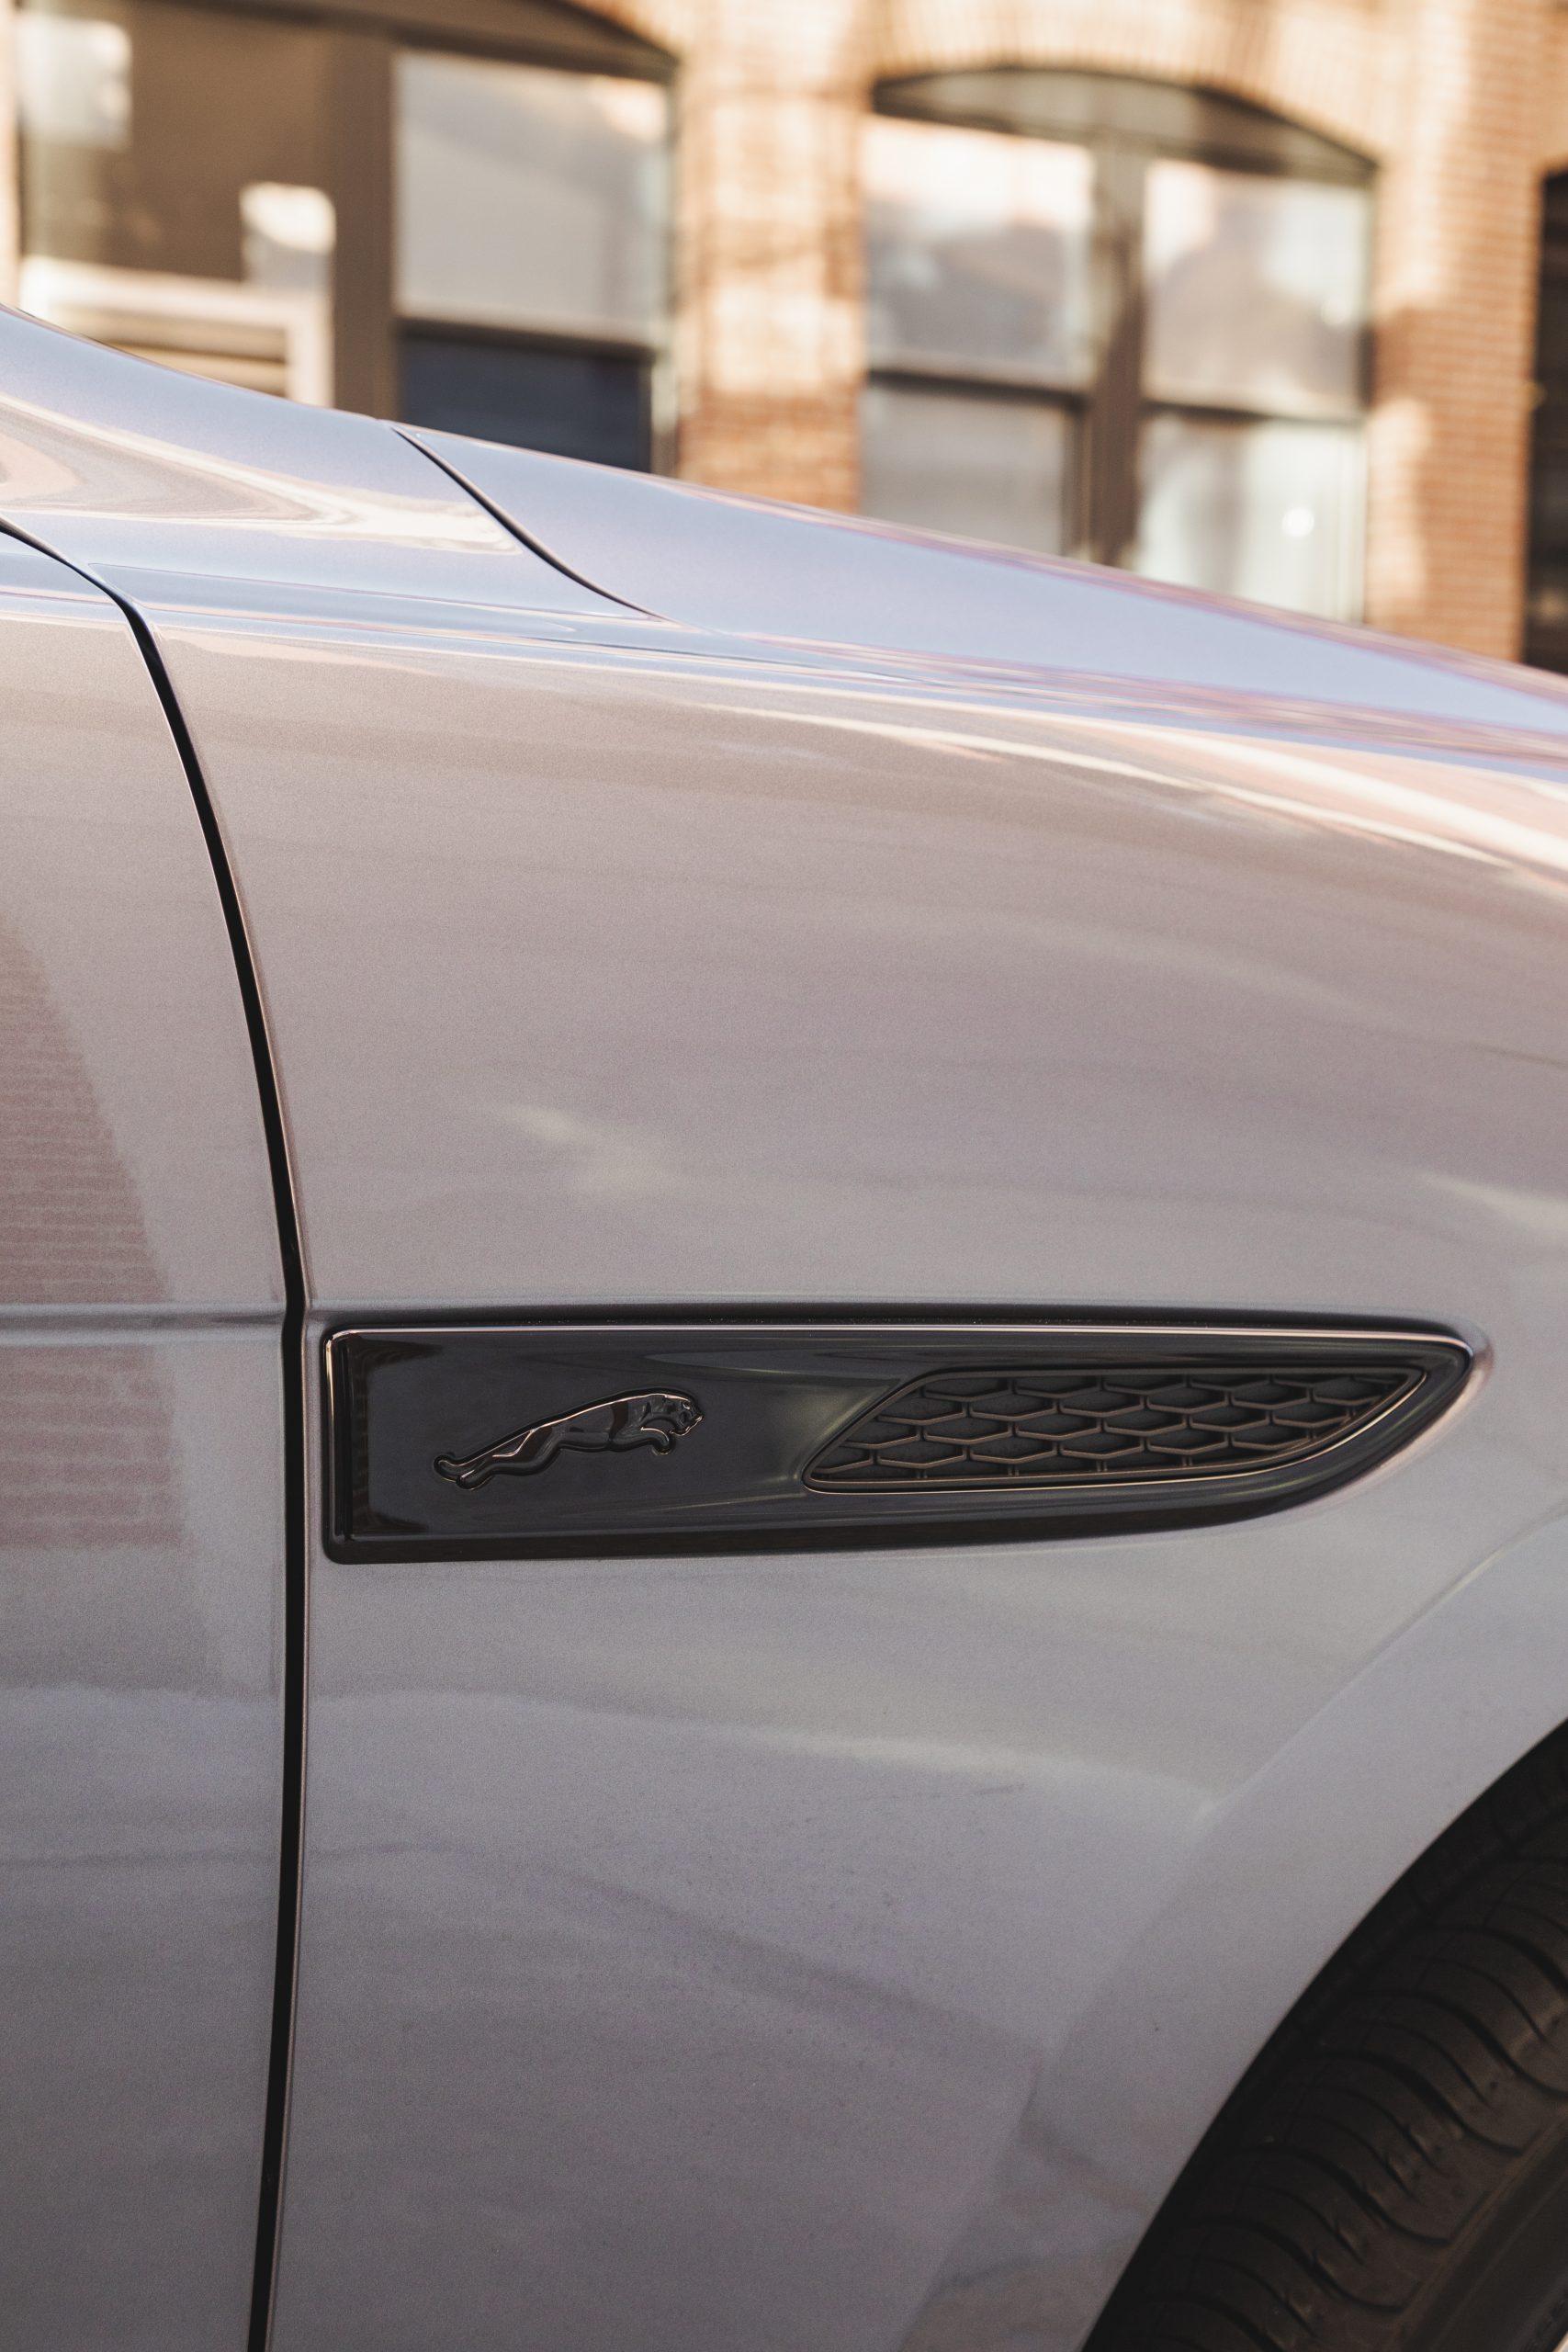 2021 Jaguar F-PACE S P340 front fender blade